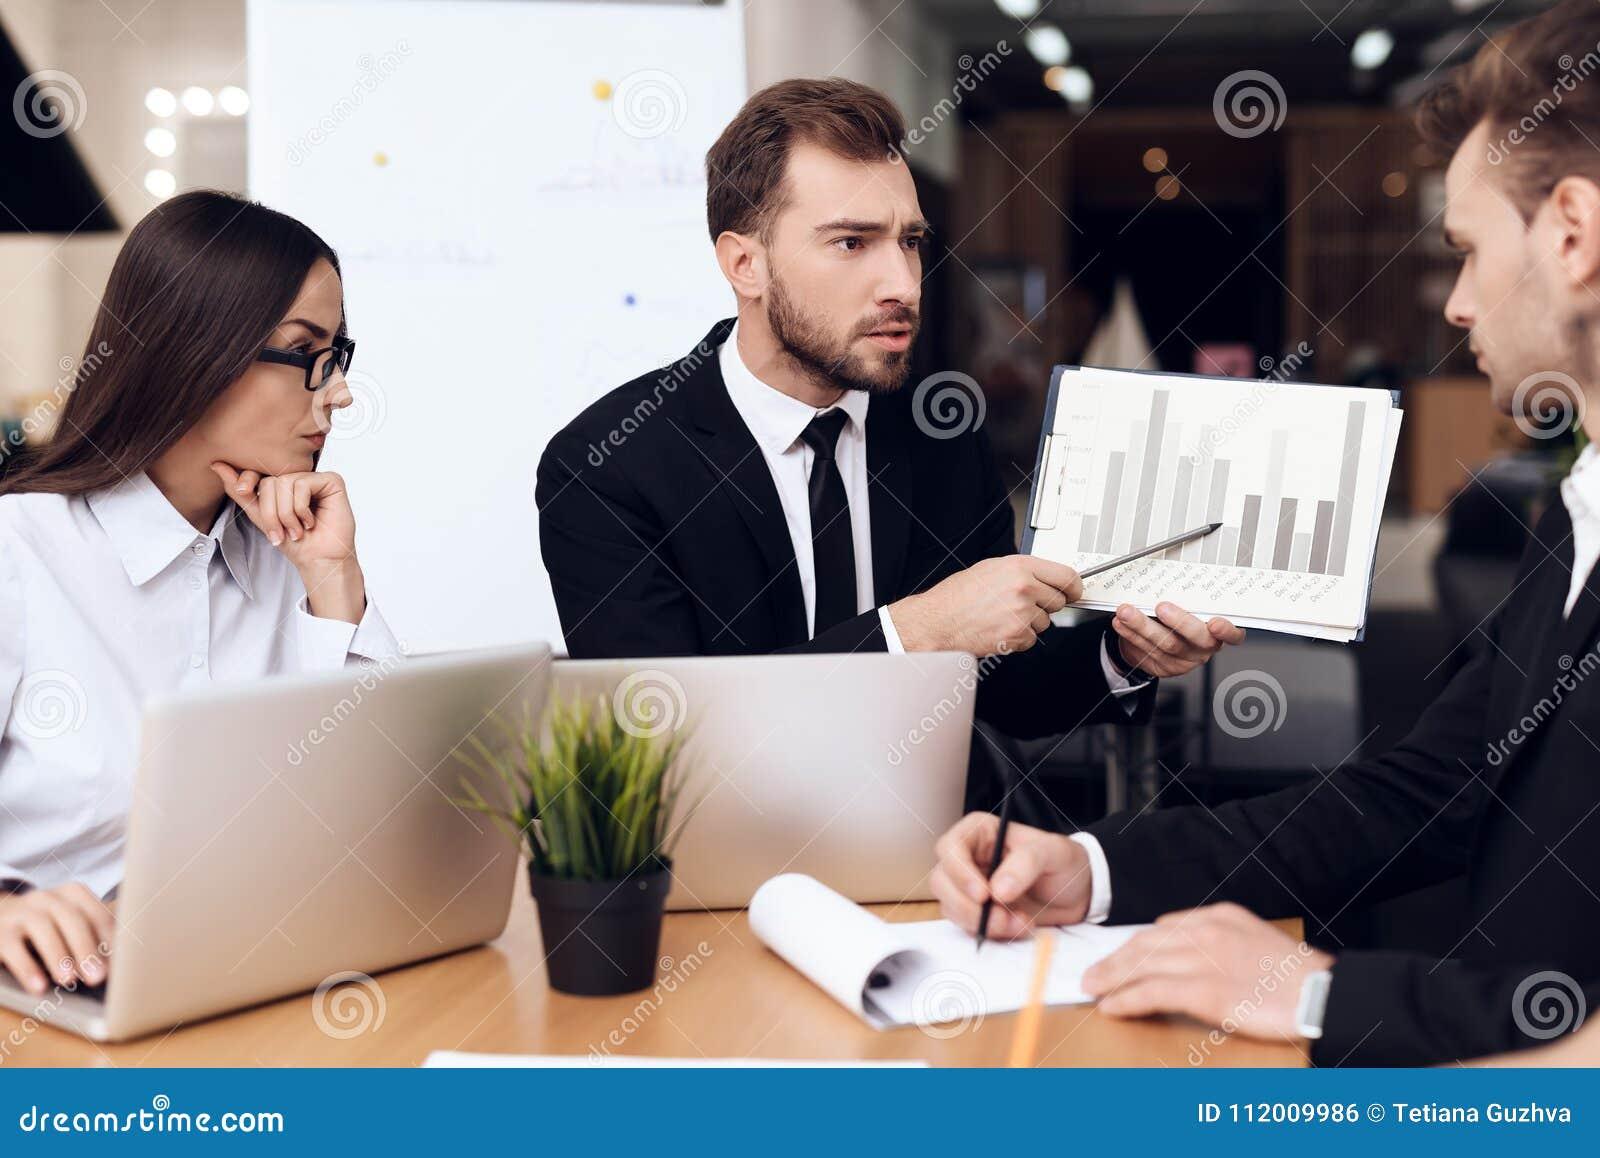 Работники компании созывают собрание на таблице